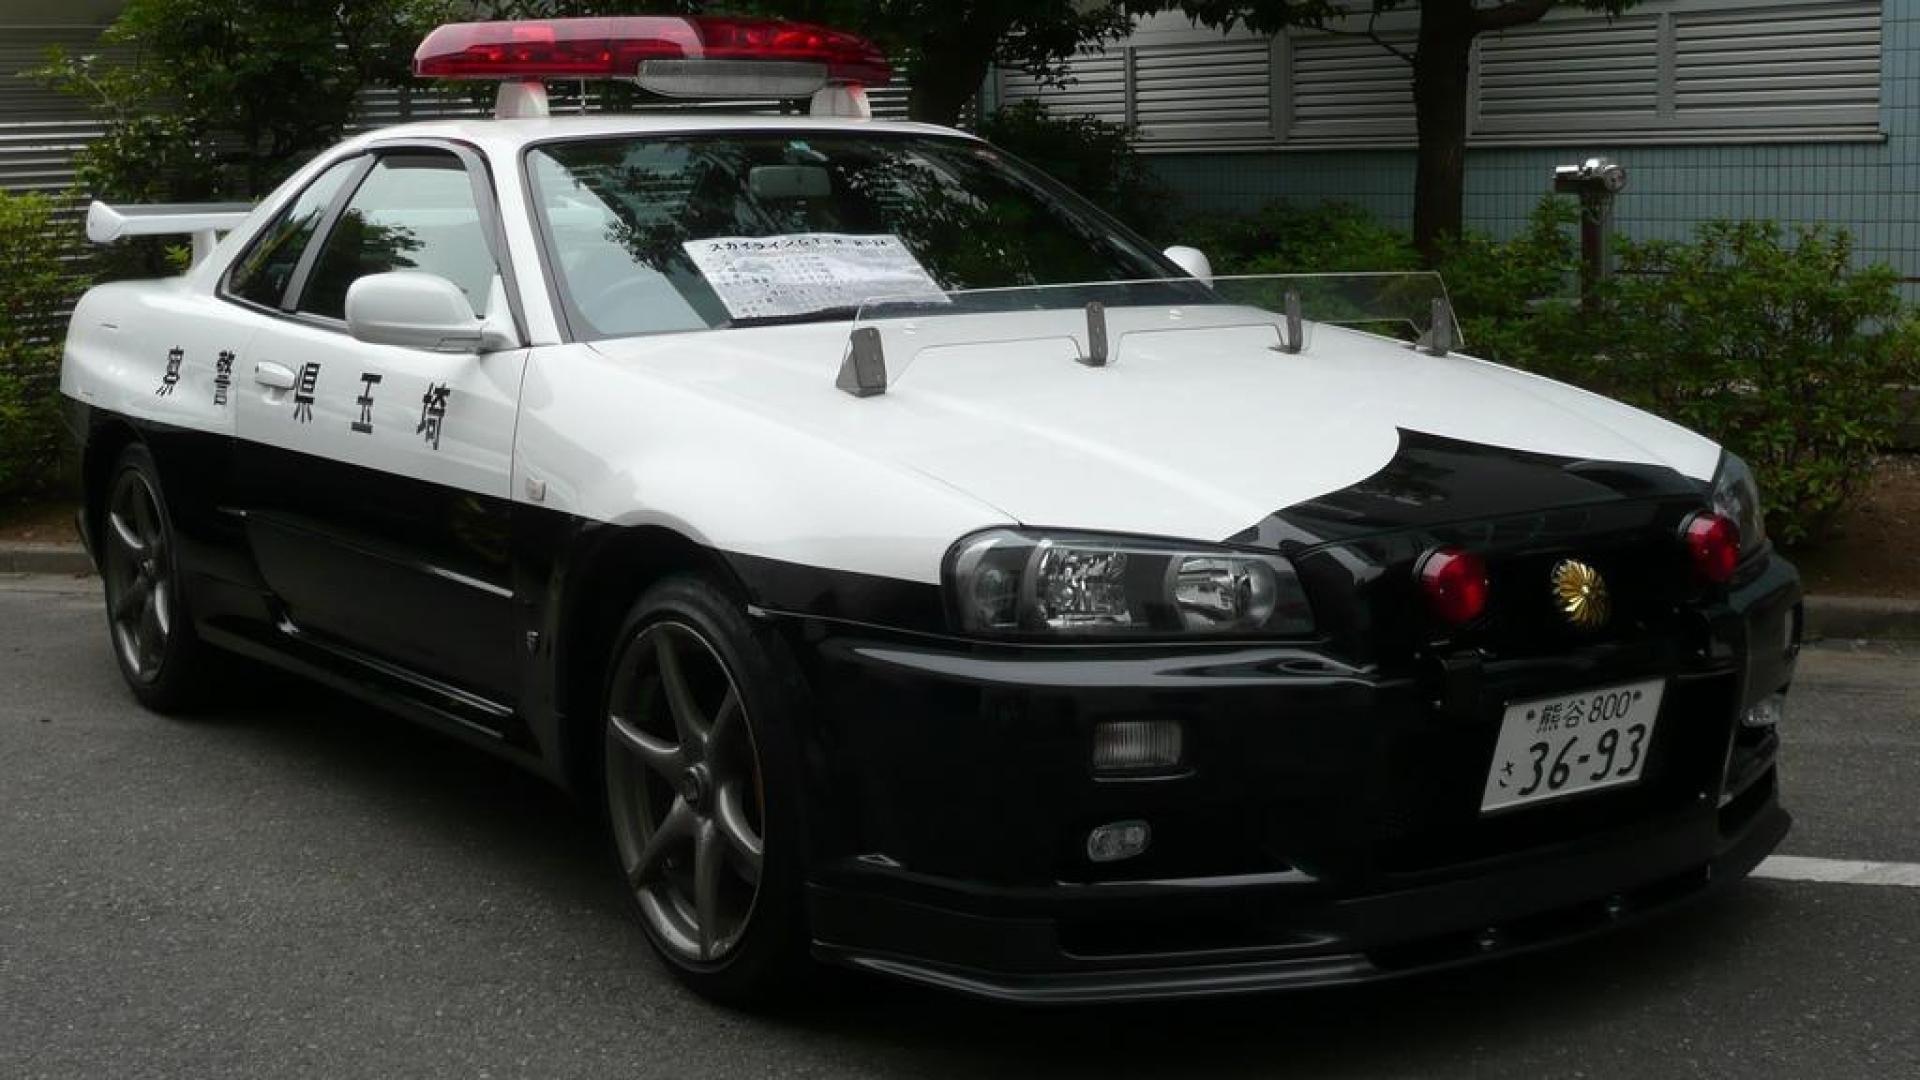 Nissan Skyline Gtr Police Car